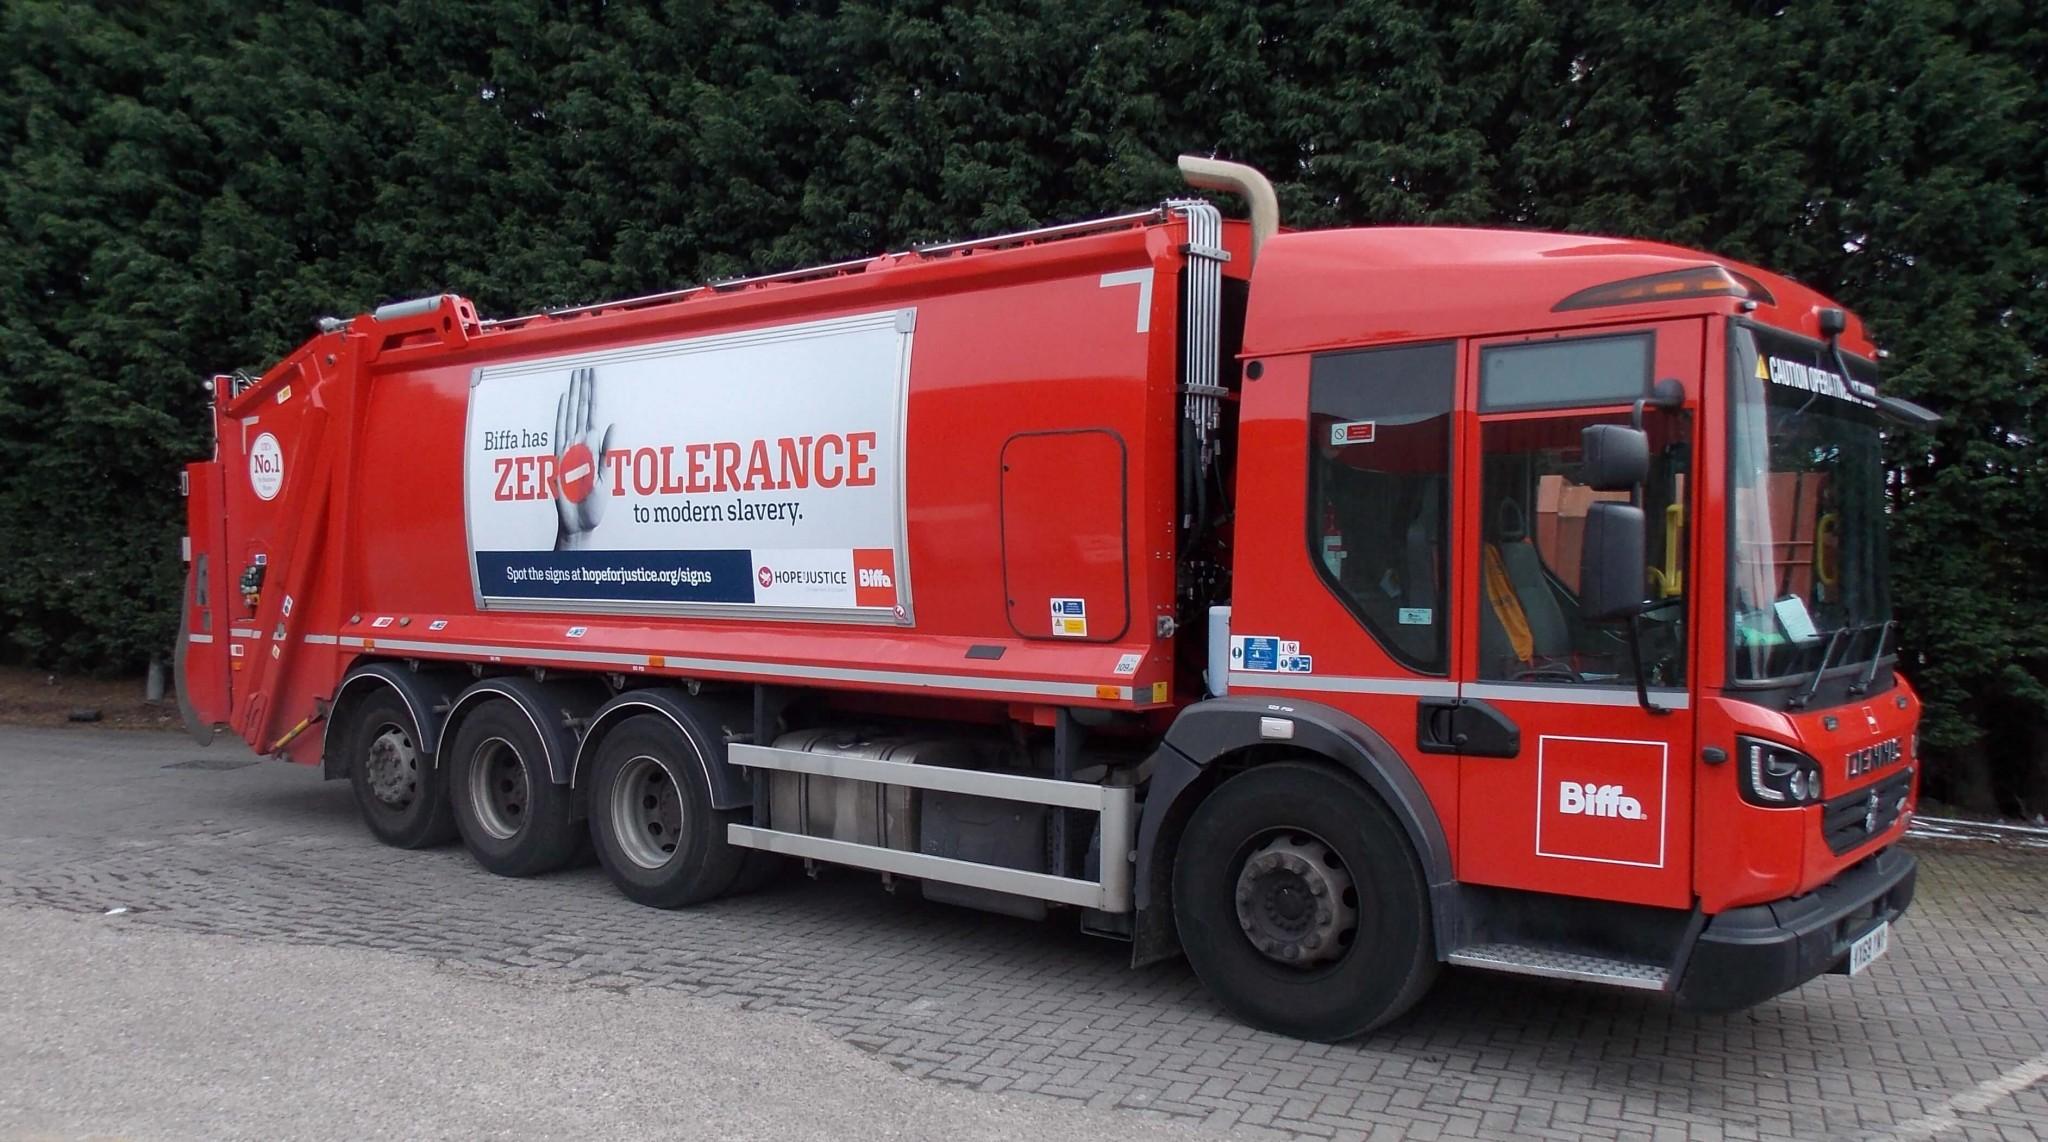 Biffa-Zero-Tolerance-Truck